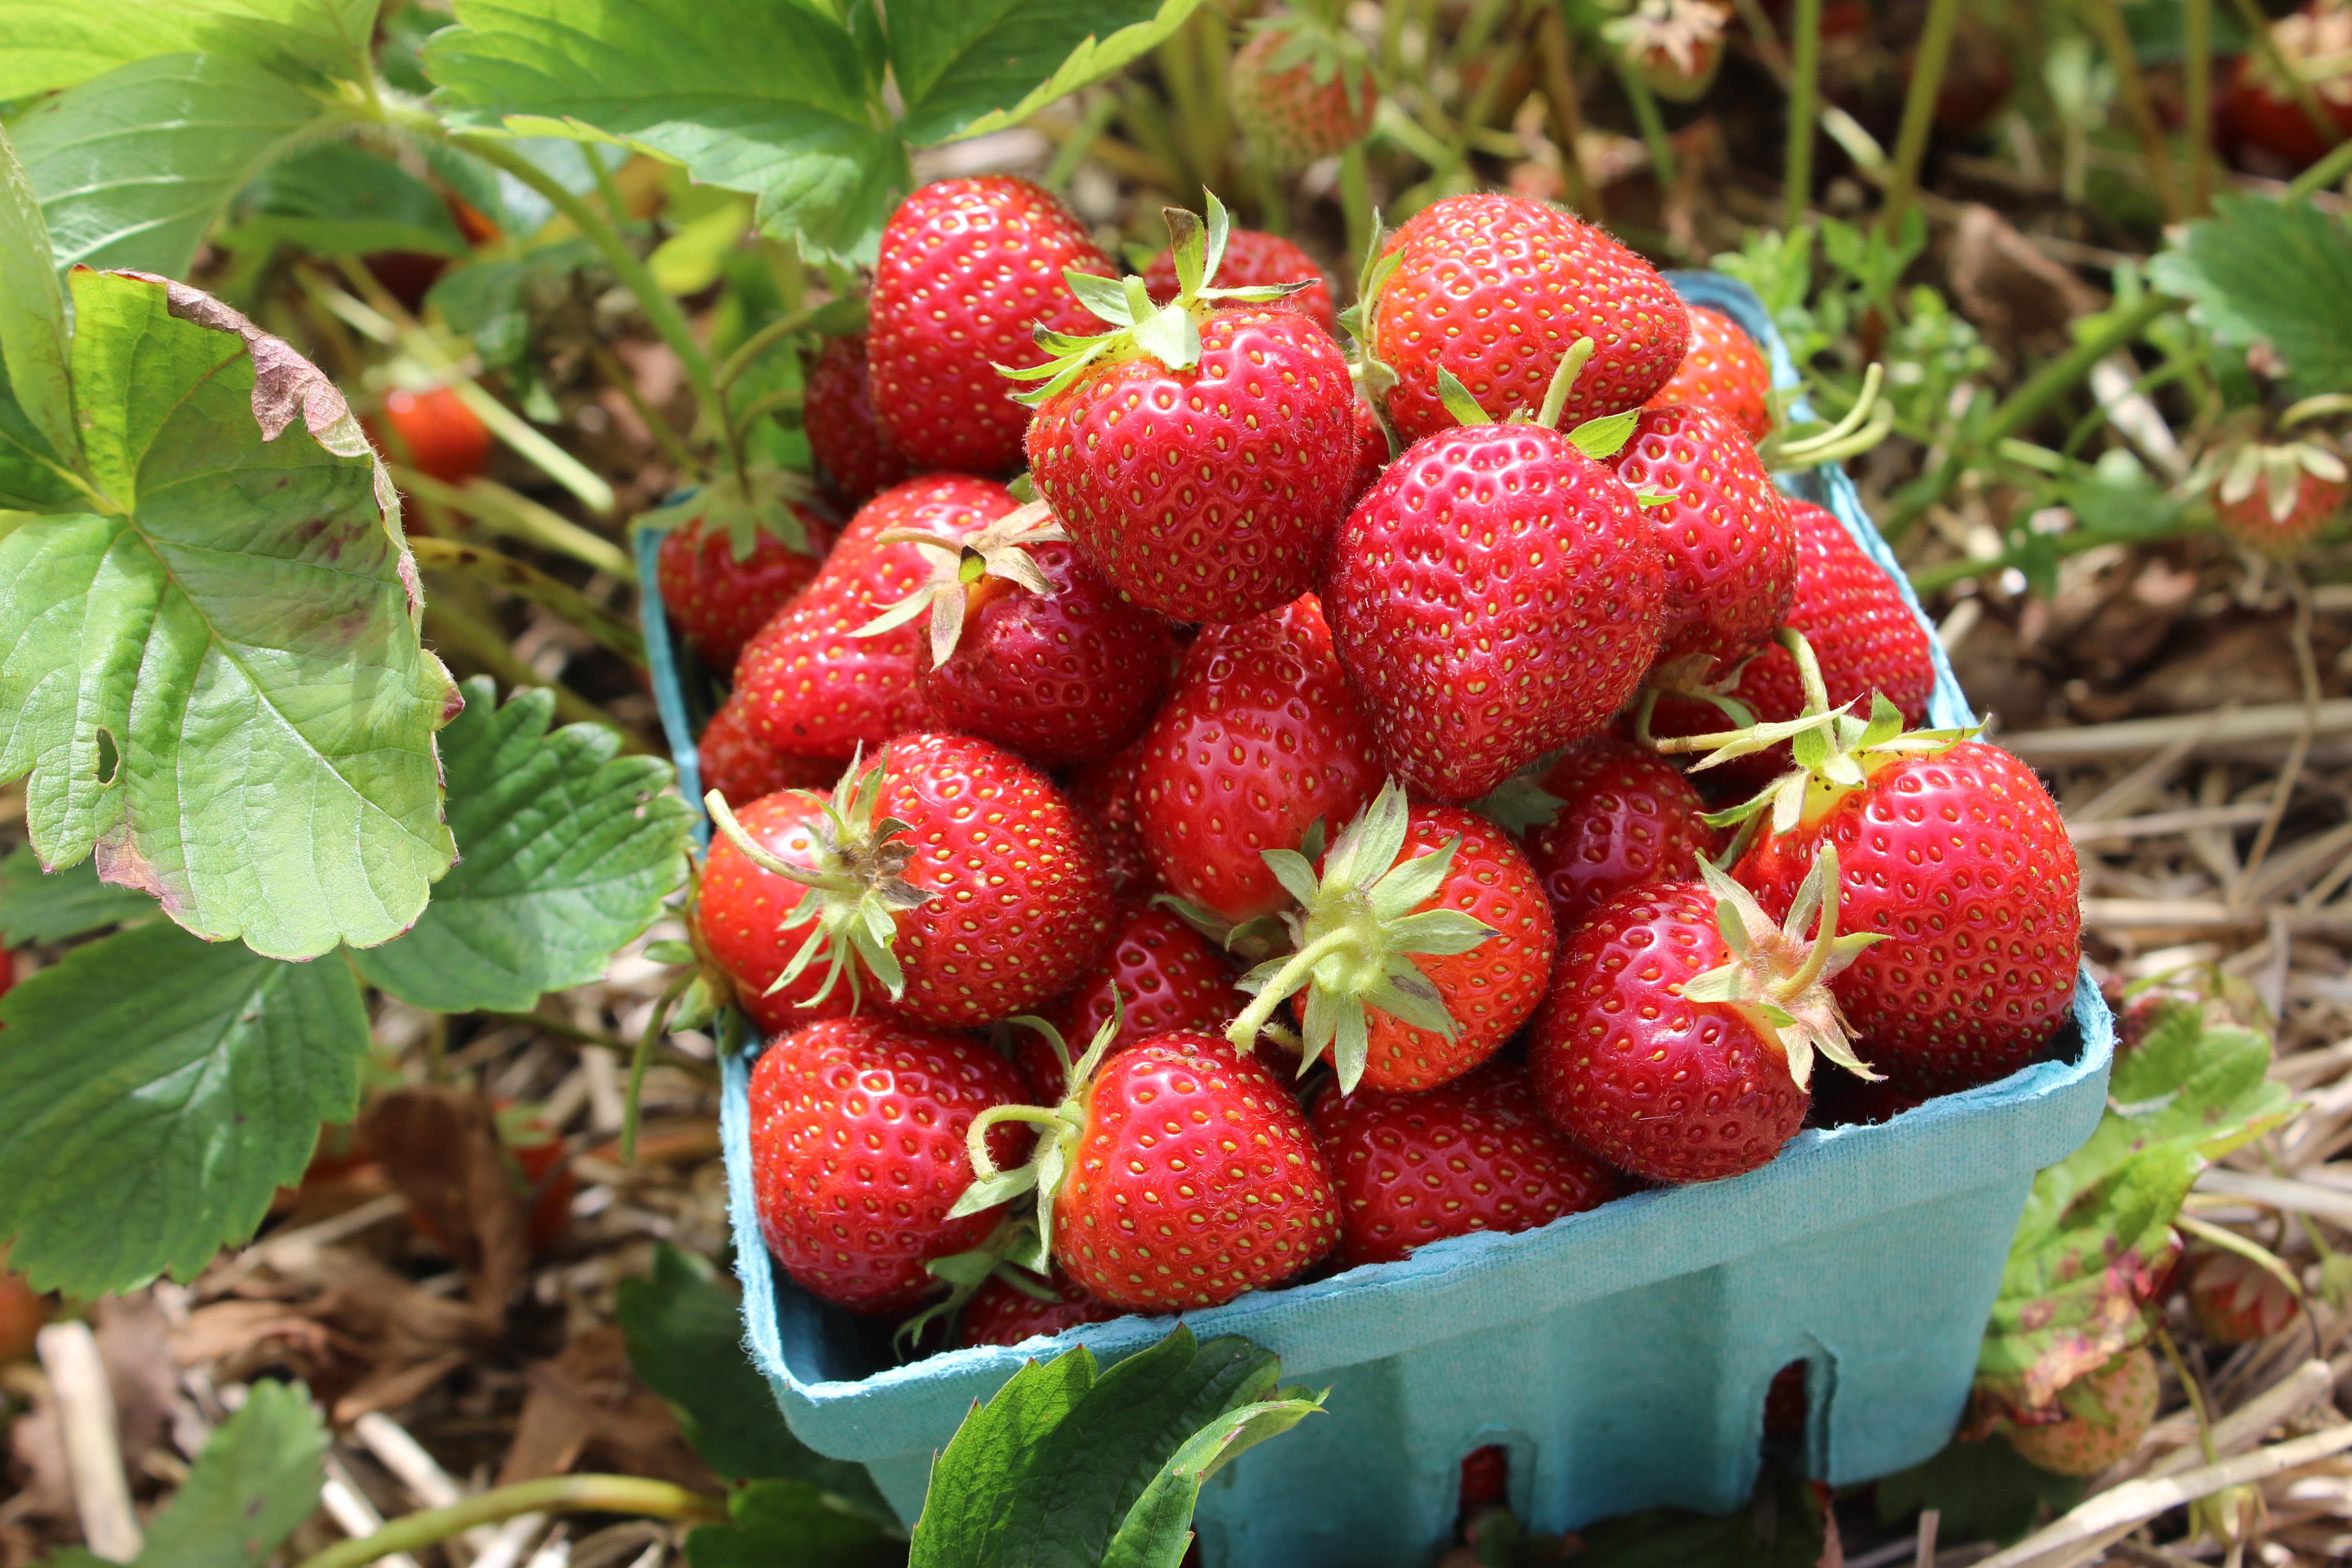 9.Strawberries